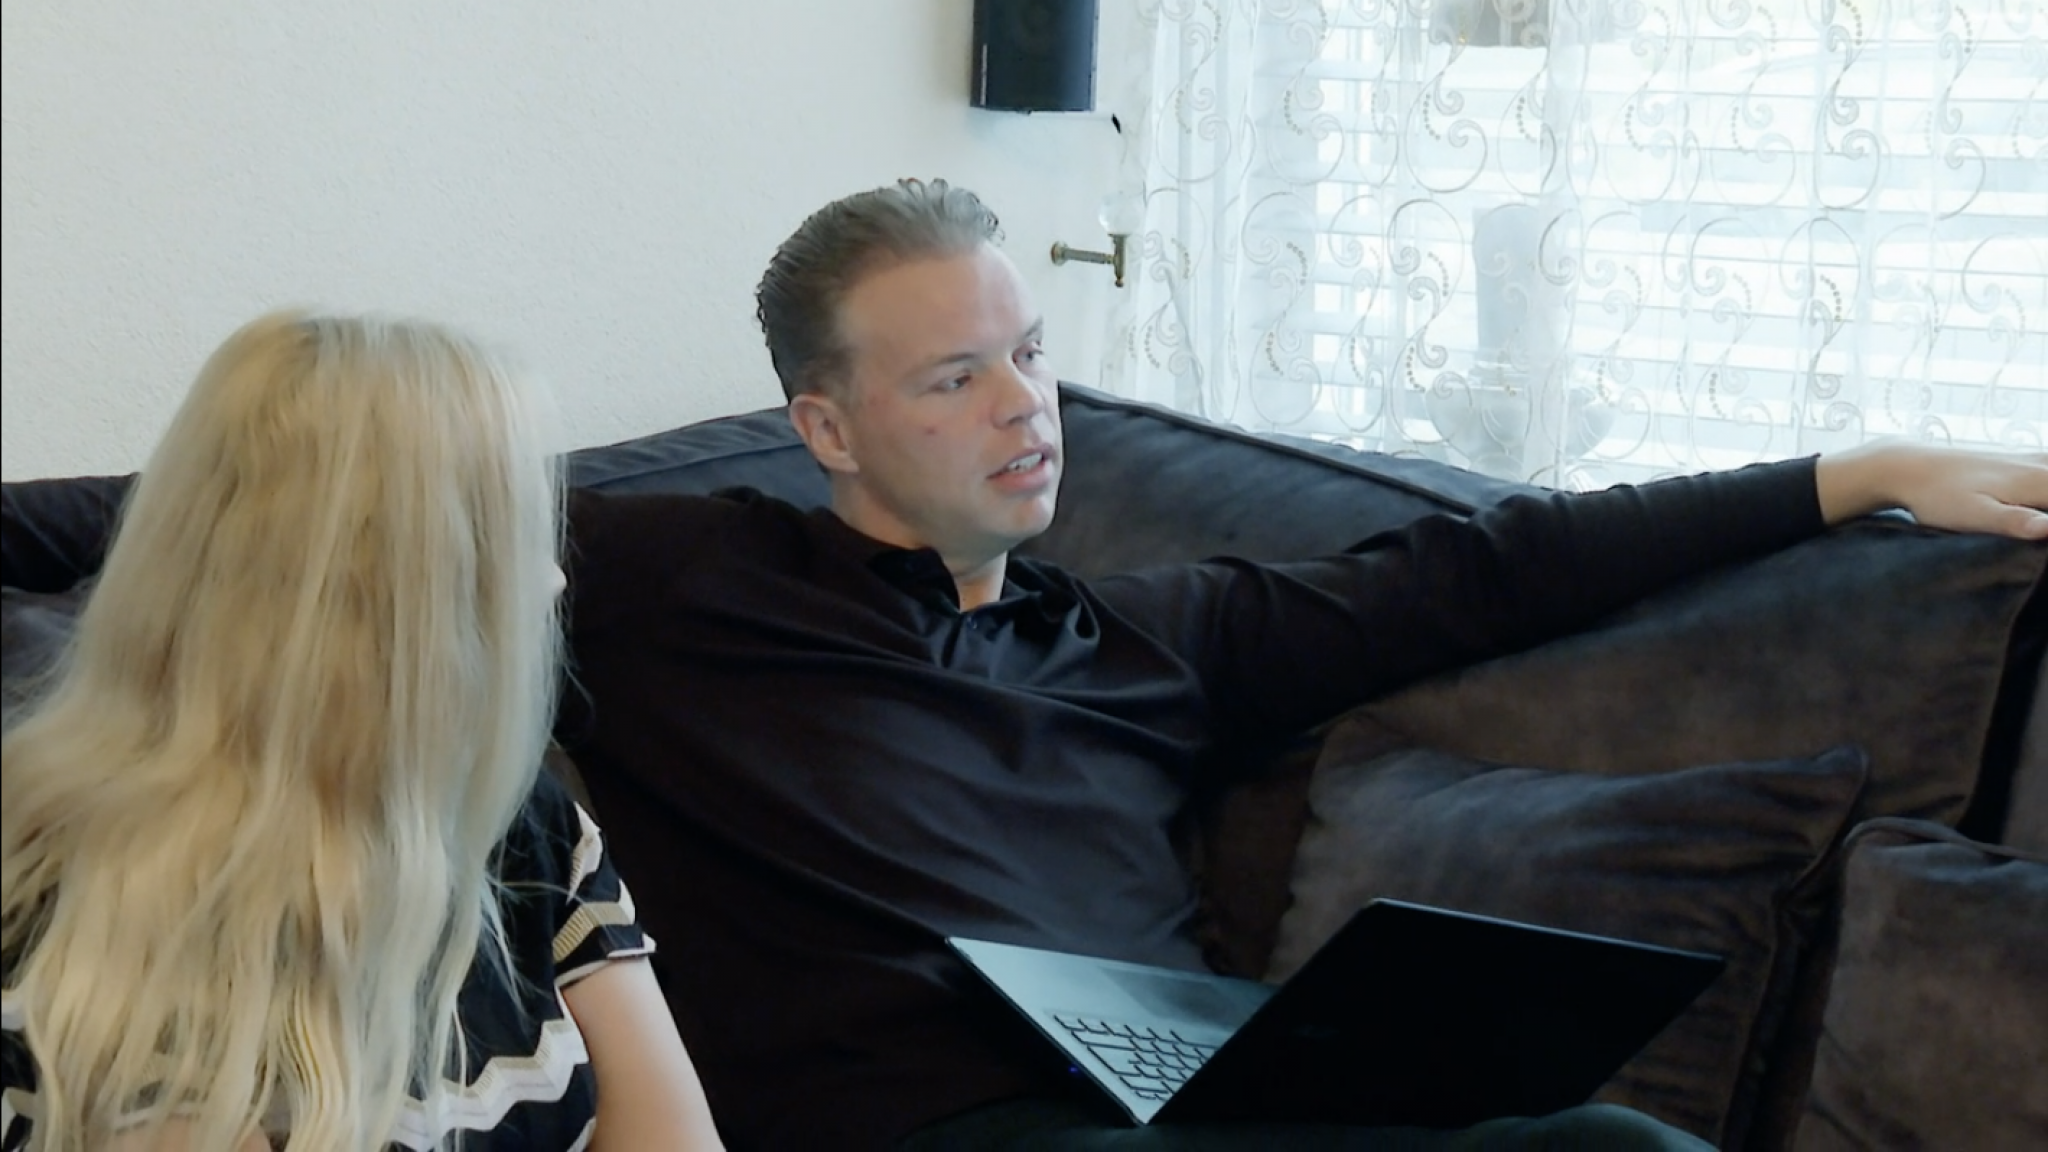 Kijkers zijn 'verwende gedrag' Dave in Ik geloof in mij spuugzat - RTL Nieuws